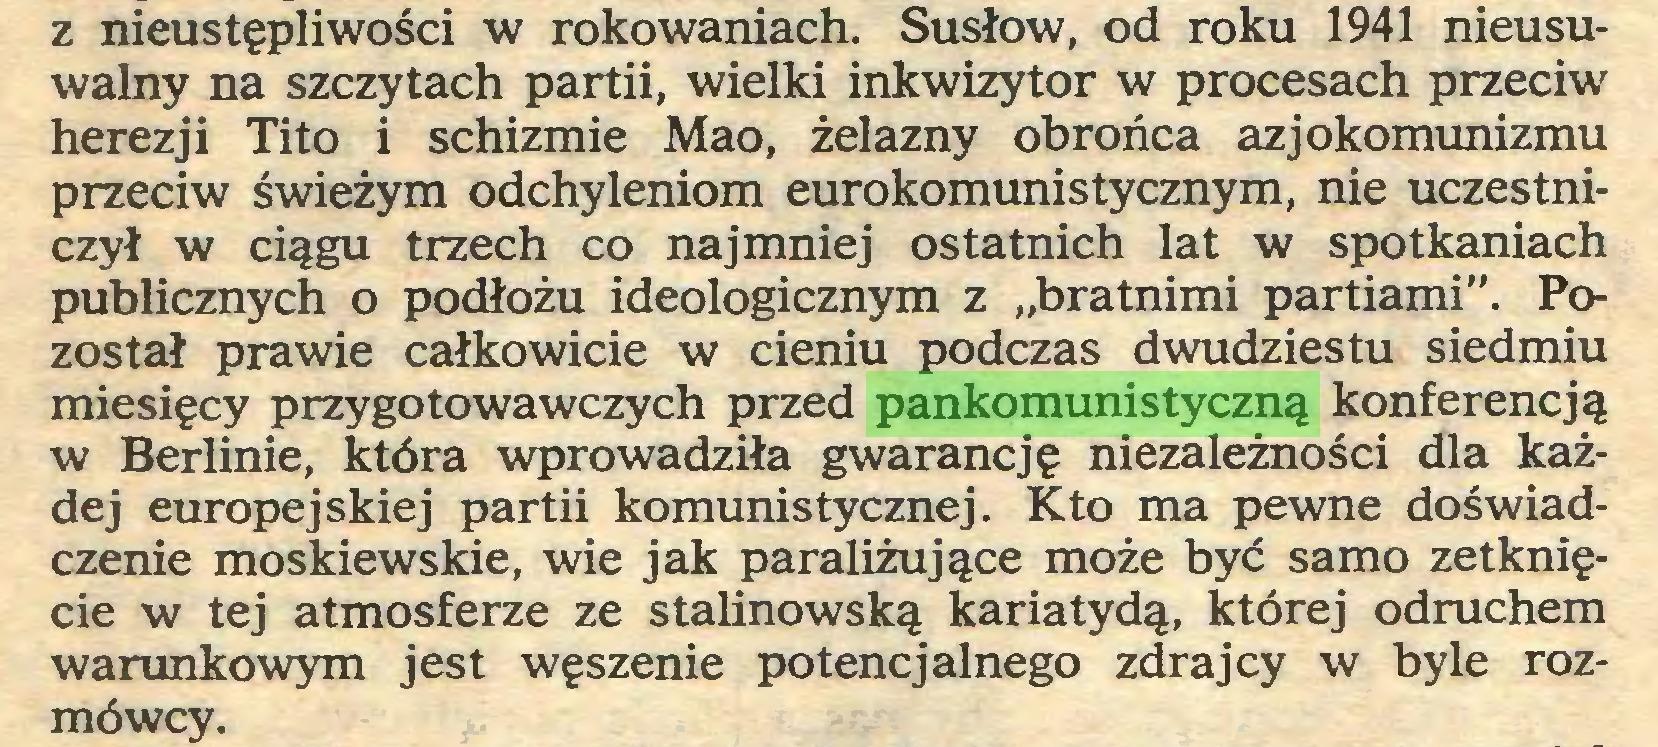 """(...) z nieustępliwości w rokowaniach. Susłow, od roku 1941 nieusuwalny na szczytach partii, wielki inkwizytor w procesach przeciw herezji Tito i schizmie Mao, żelazny obrońca azjokomunizmu przeciw świeżym odchyleniom eurokomunistycznym, nie uczestniczył w ciągu trzech co najmniej ostatnich lat w spotkaniach publicznych o podłożu ideologicznym z """"bratnimi partiami"""". Pozostał prawie całkowicie w cieniu podczas dwudziestu siedmiu miesięcy przygotowawczych przed pankomunistyczną konferencją w Berlinie, która wprowadziła gwarancję niezależności dla każdej europejskiej partii komunistycznej. Kto ma pewne doświadczenie moskiewskie, wie jak paraliżujące może być samo zetknięcie w tej atmosferze ze stalinowską kariatydą, której odruchem warunkowym jest węszenie potencjalnego zdrajcy w byle rozmówcy..."""